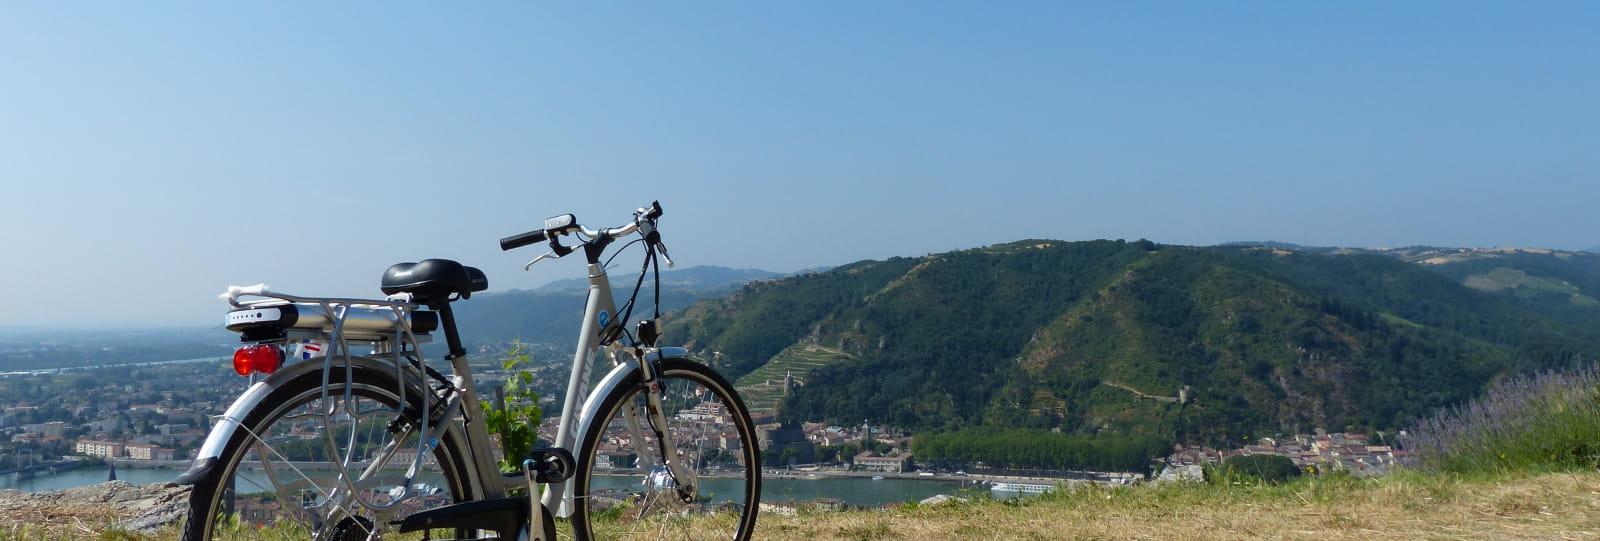 Vélo électrique dans les vignes